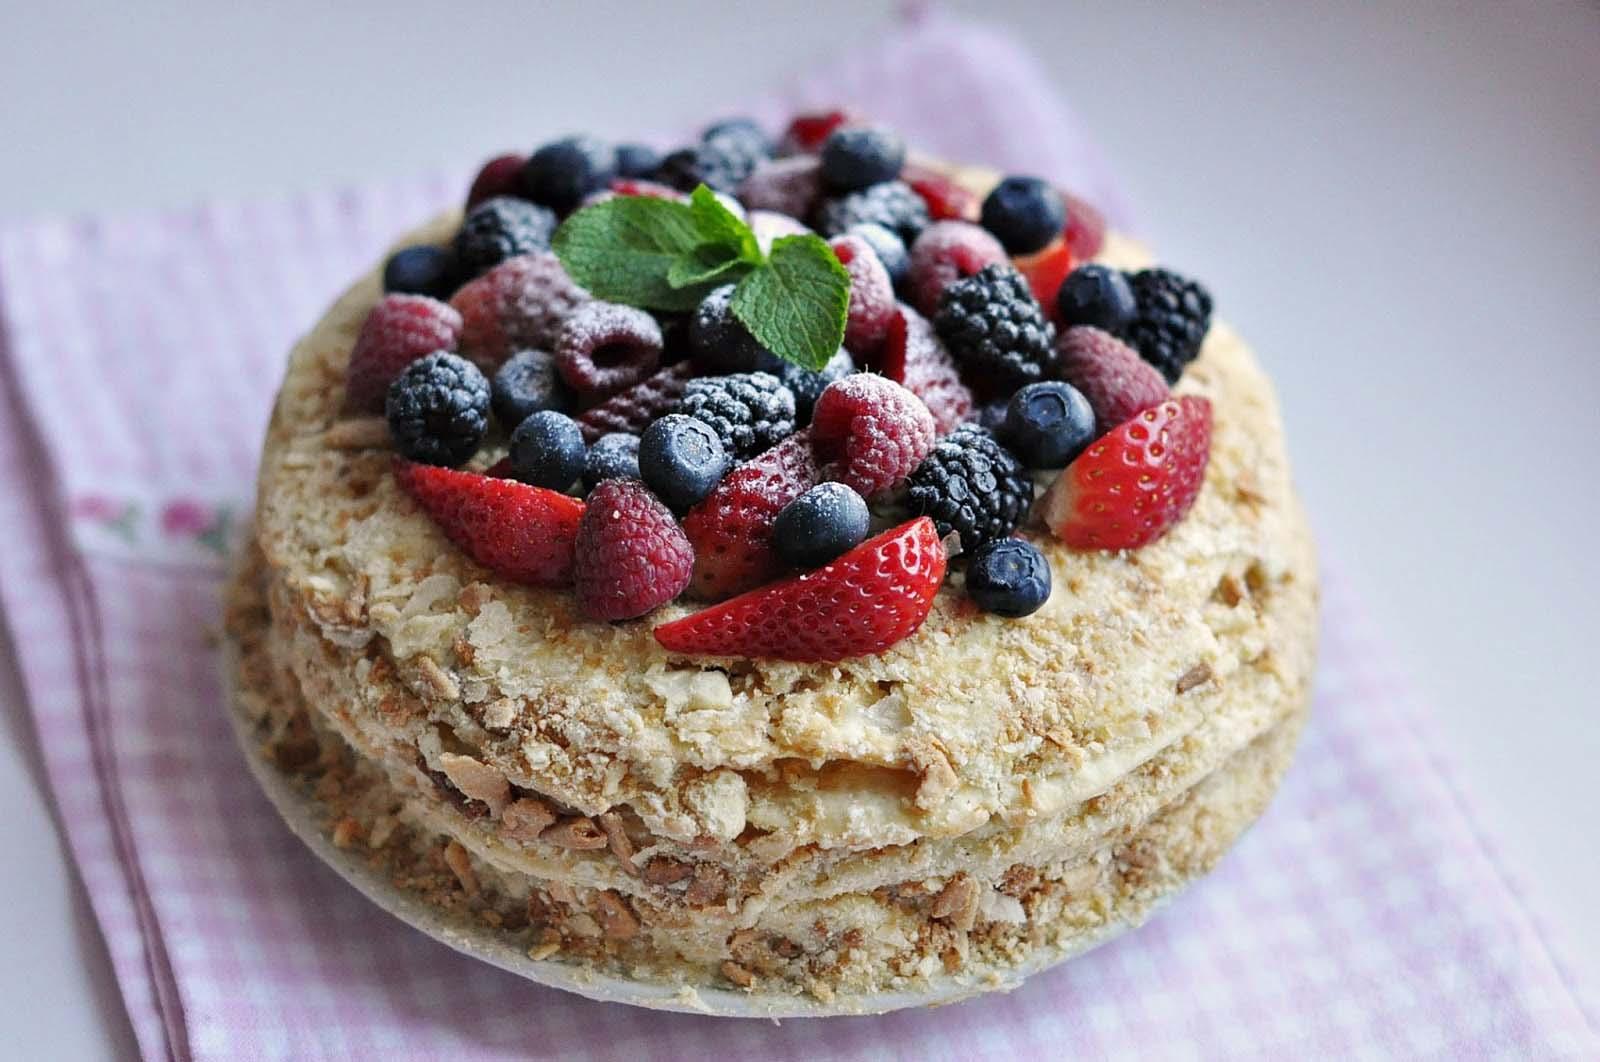 государственной регистрации вкусный красивый торт с ягодами и марципаном фото важные